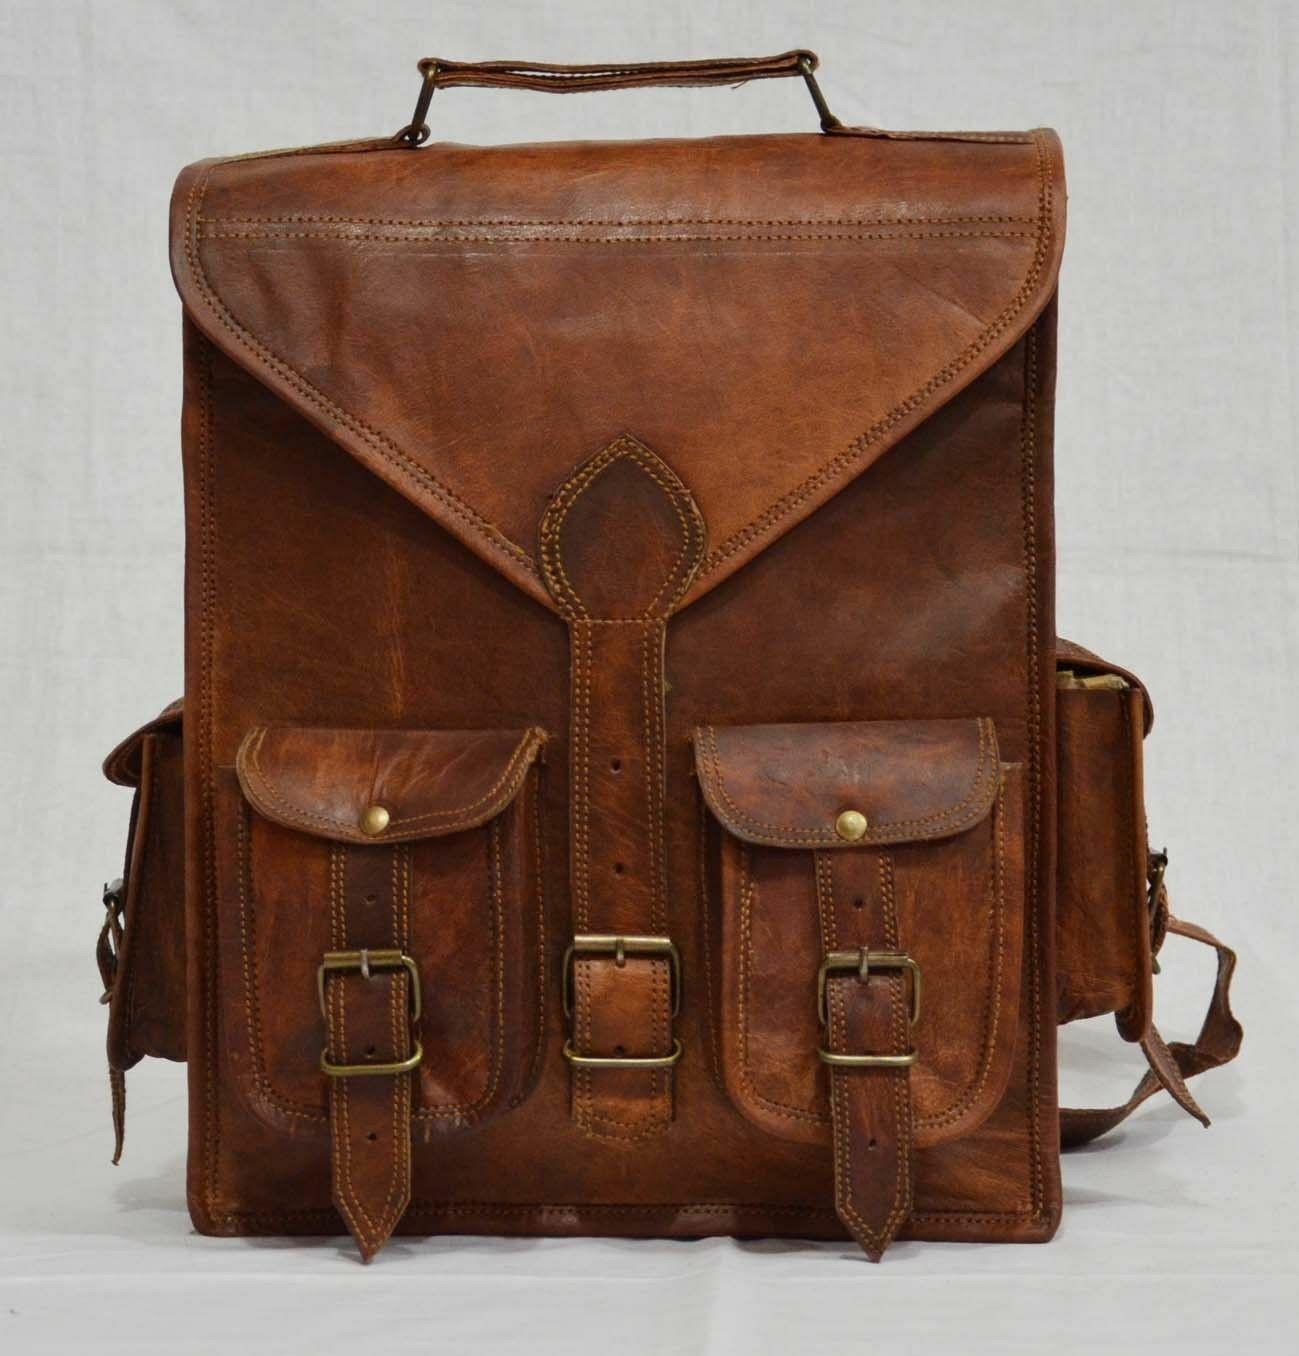 New Laptop Leather Backpack Rucksack Messenger Bag Satchel F